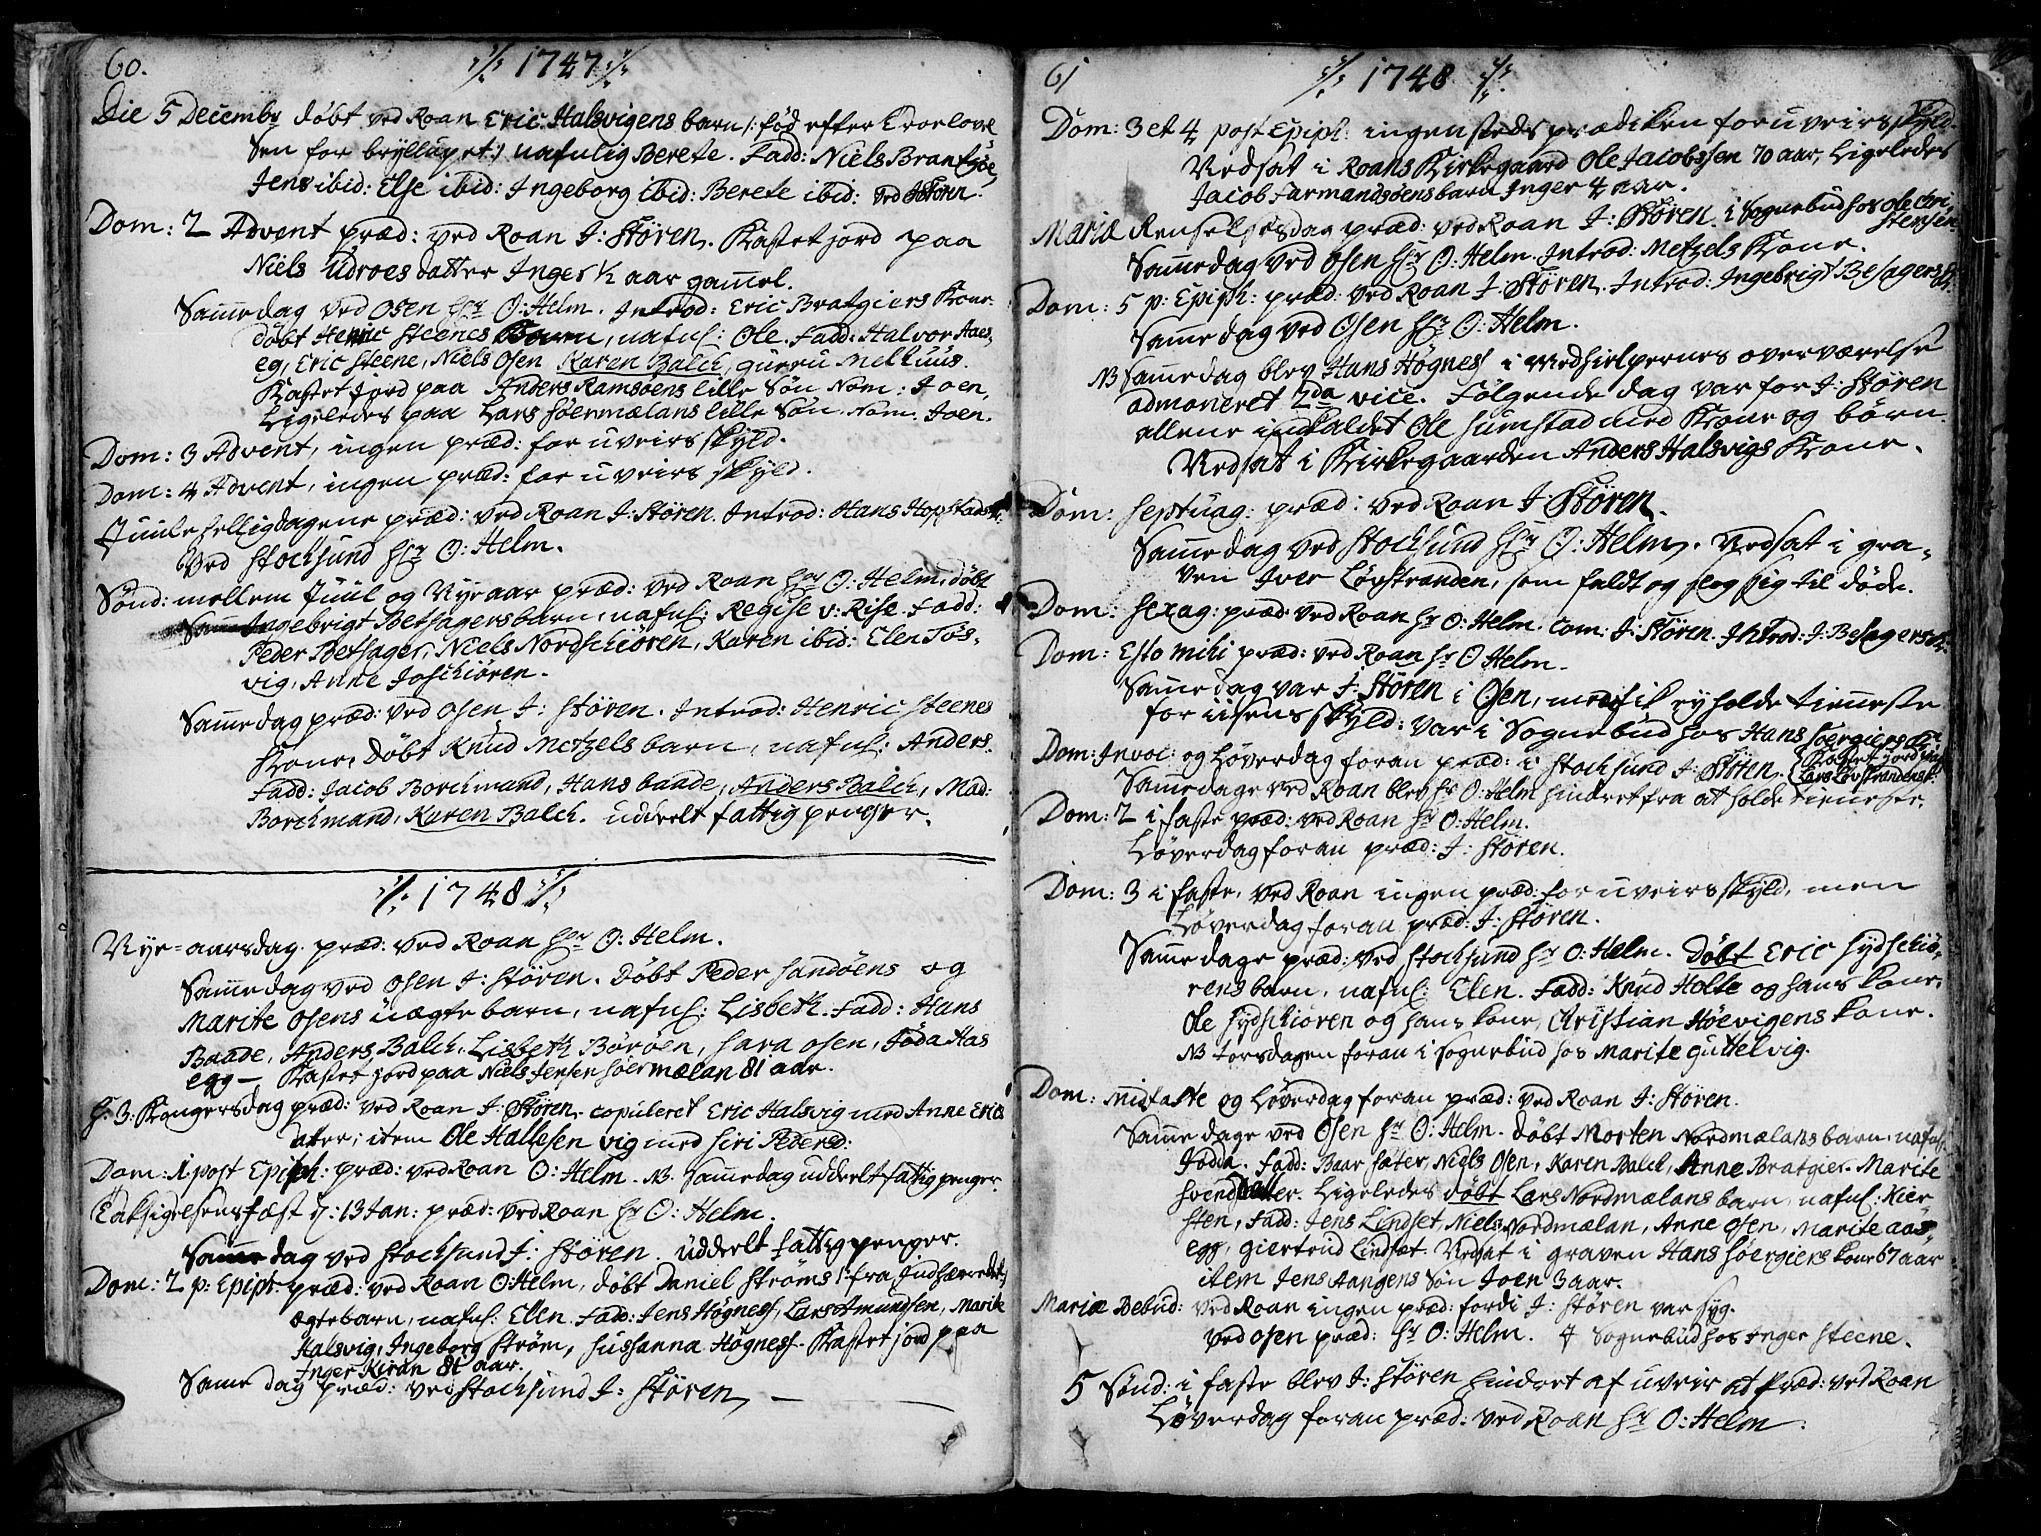 SAT, Ministerialprotokoller, klokkerbøker og fødselsregistre - Sør-Trøndelag, 657/L0700: Ministerialbok nr. 657A01, 1732-1801, s. 60-61